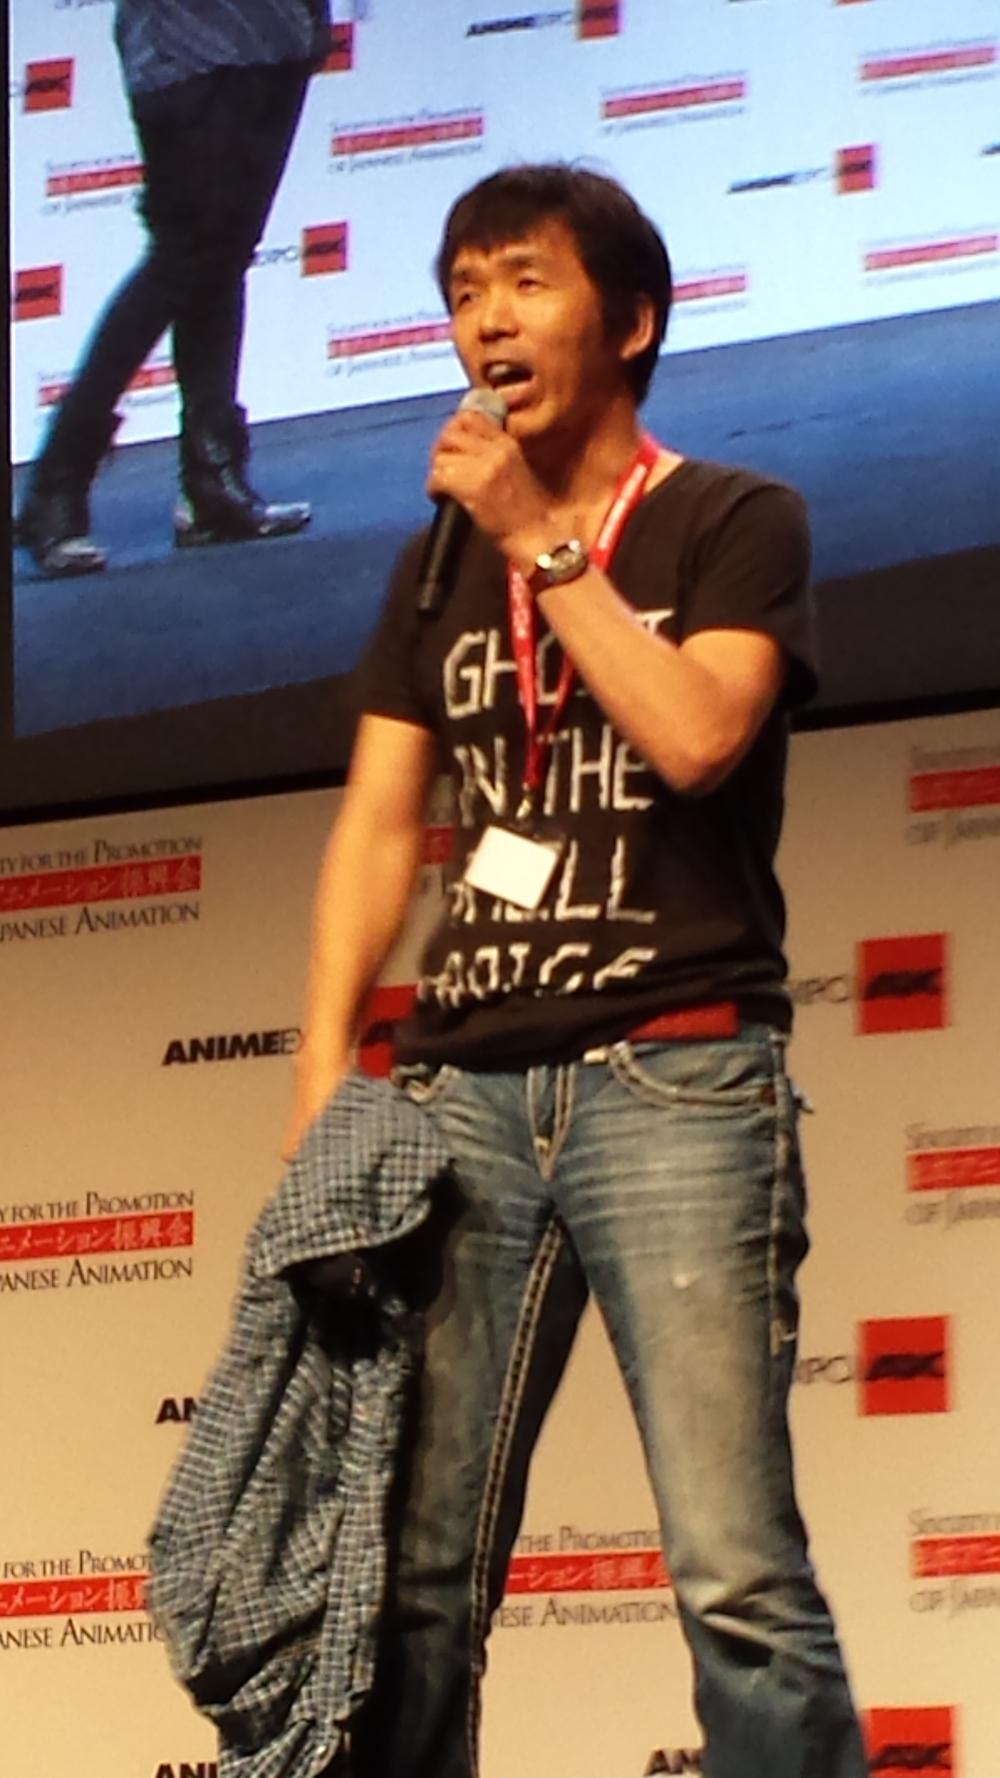 AnimeExpo 2013 - Mitsuhisa Ishikawa at closing ceremonies